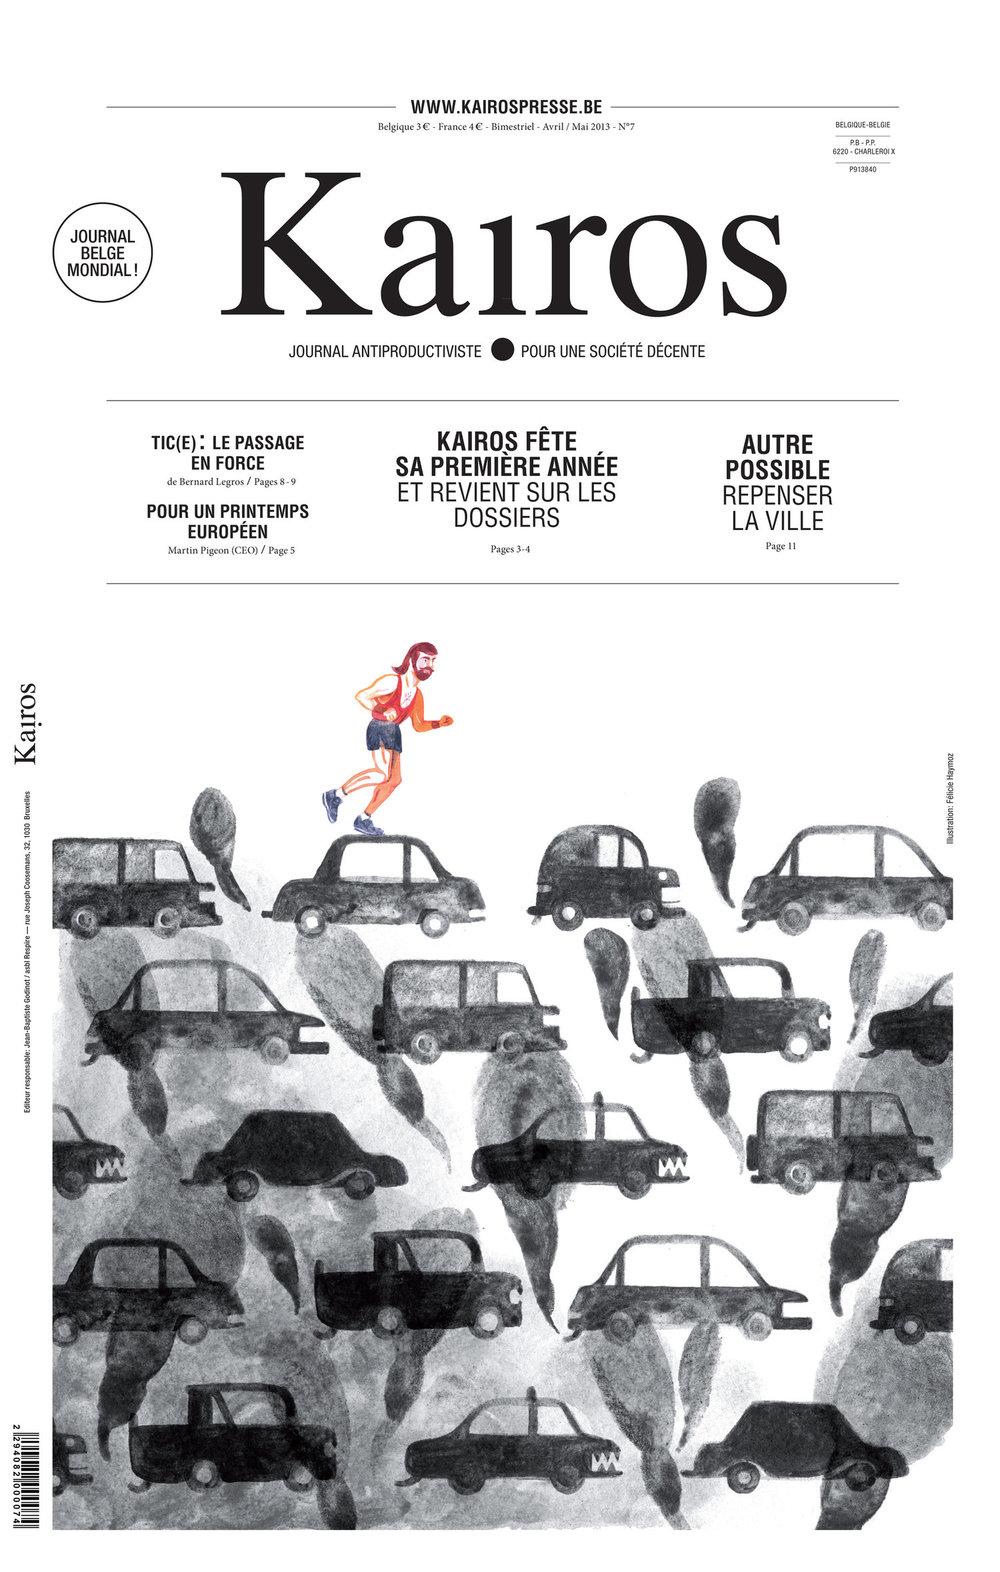 kairos_7_cover.jpg